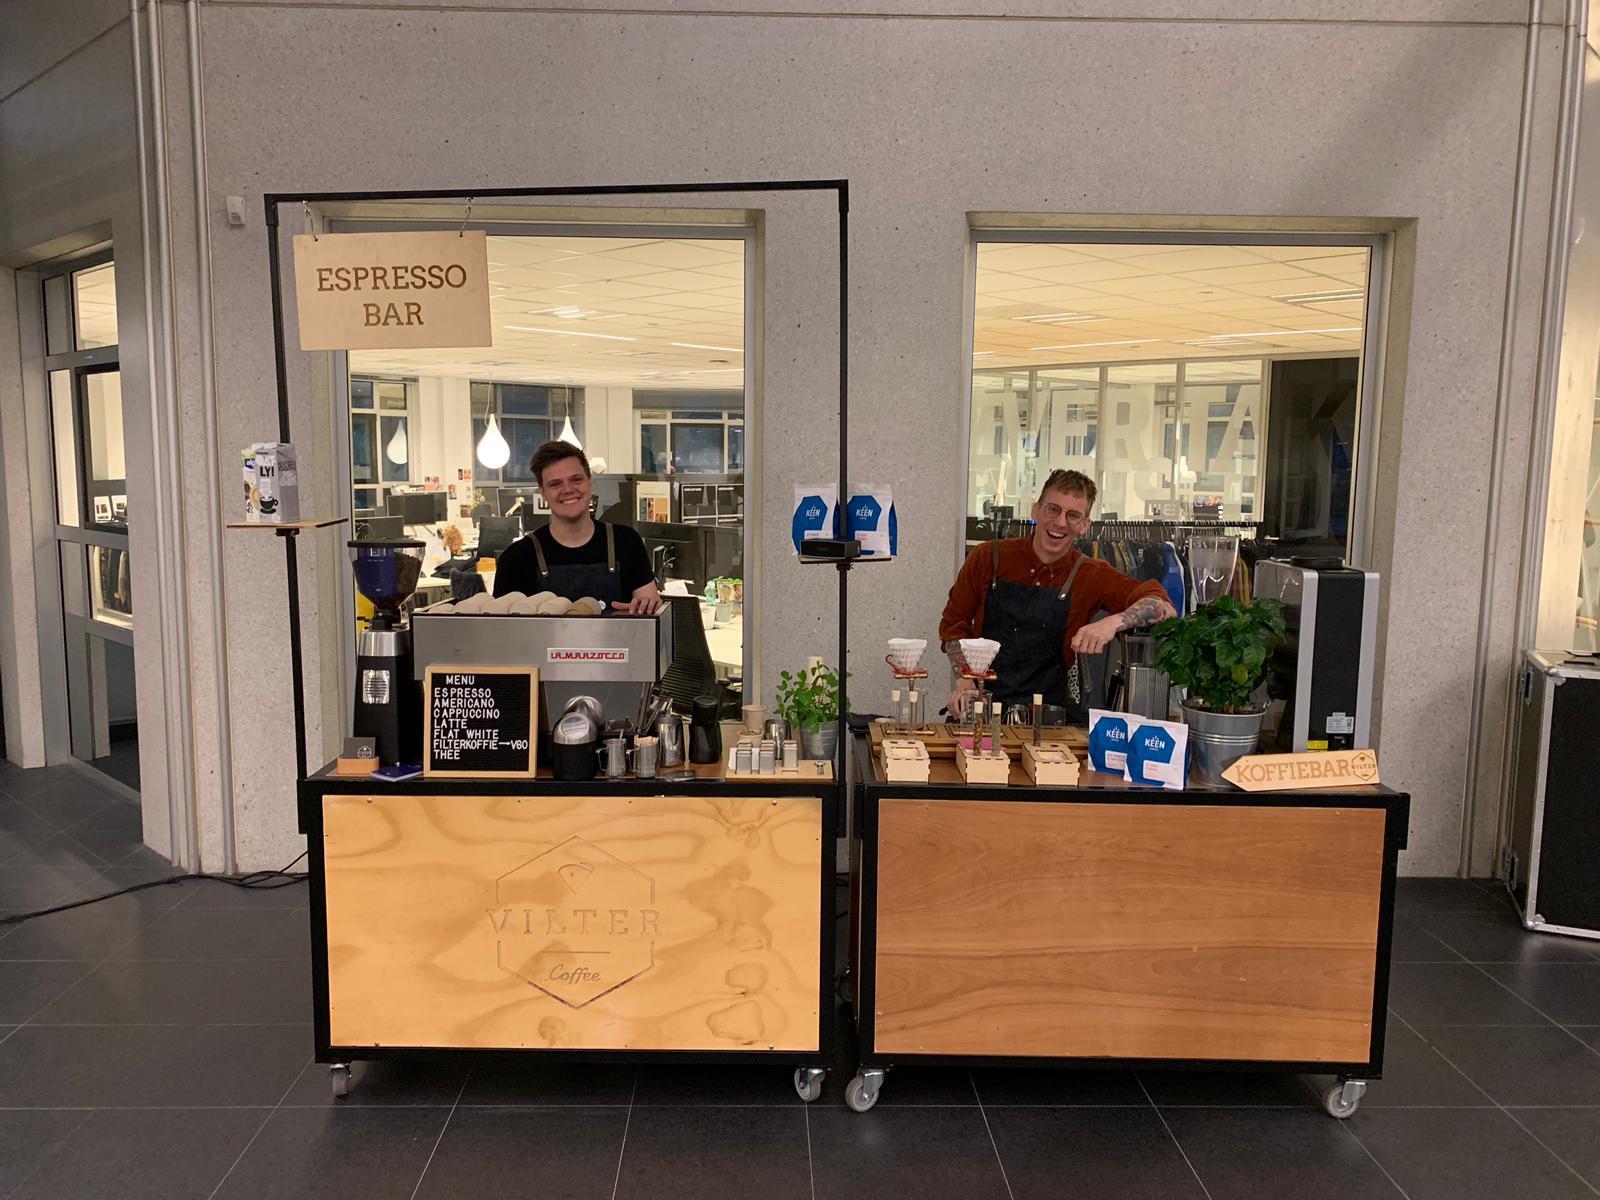 Mobiele koffiebar Vilter